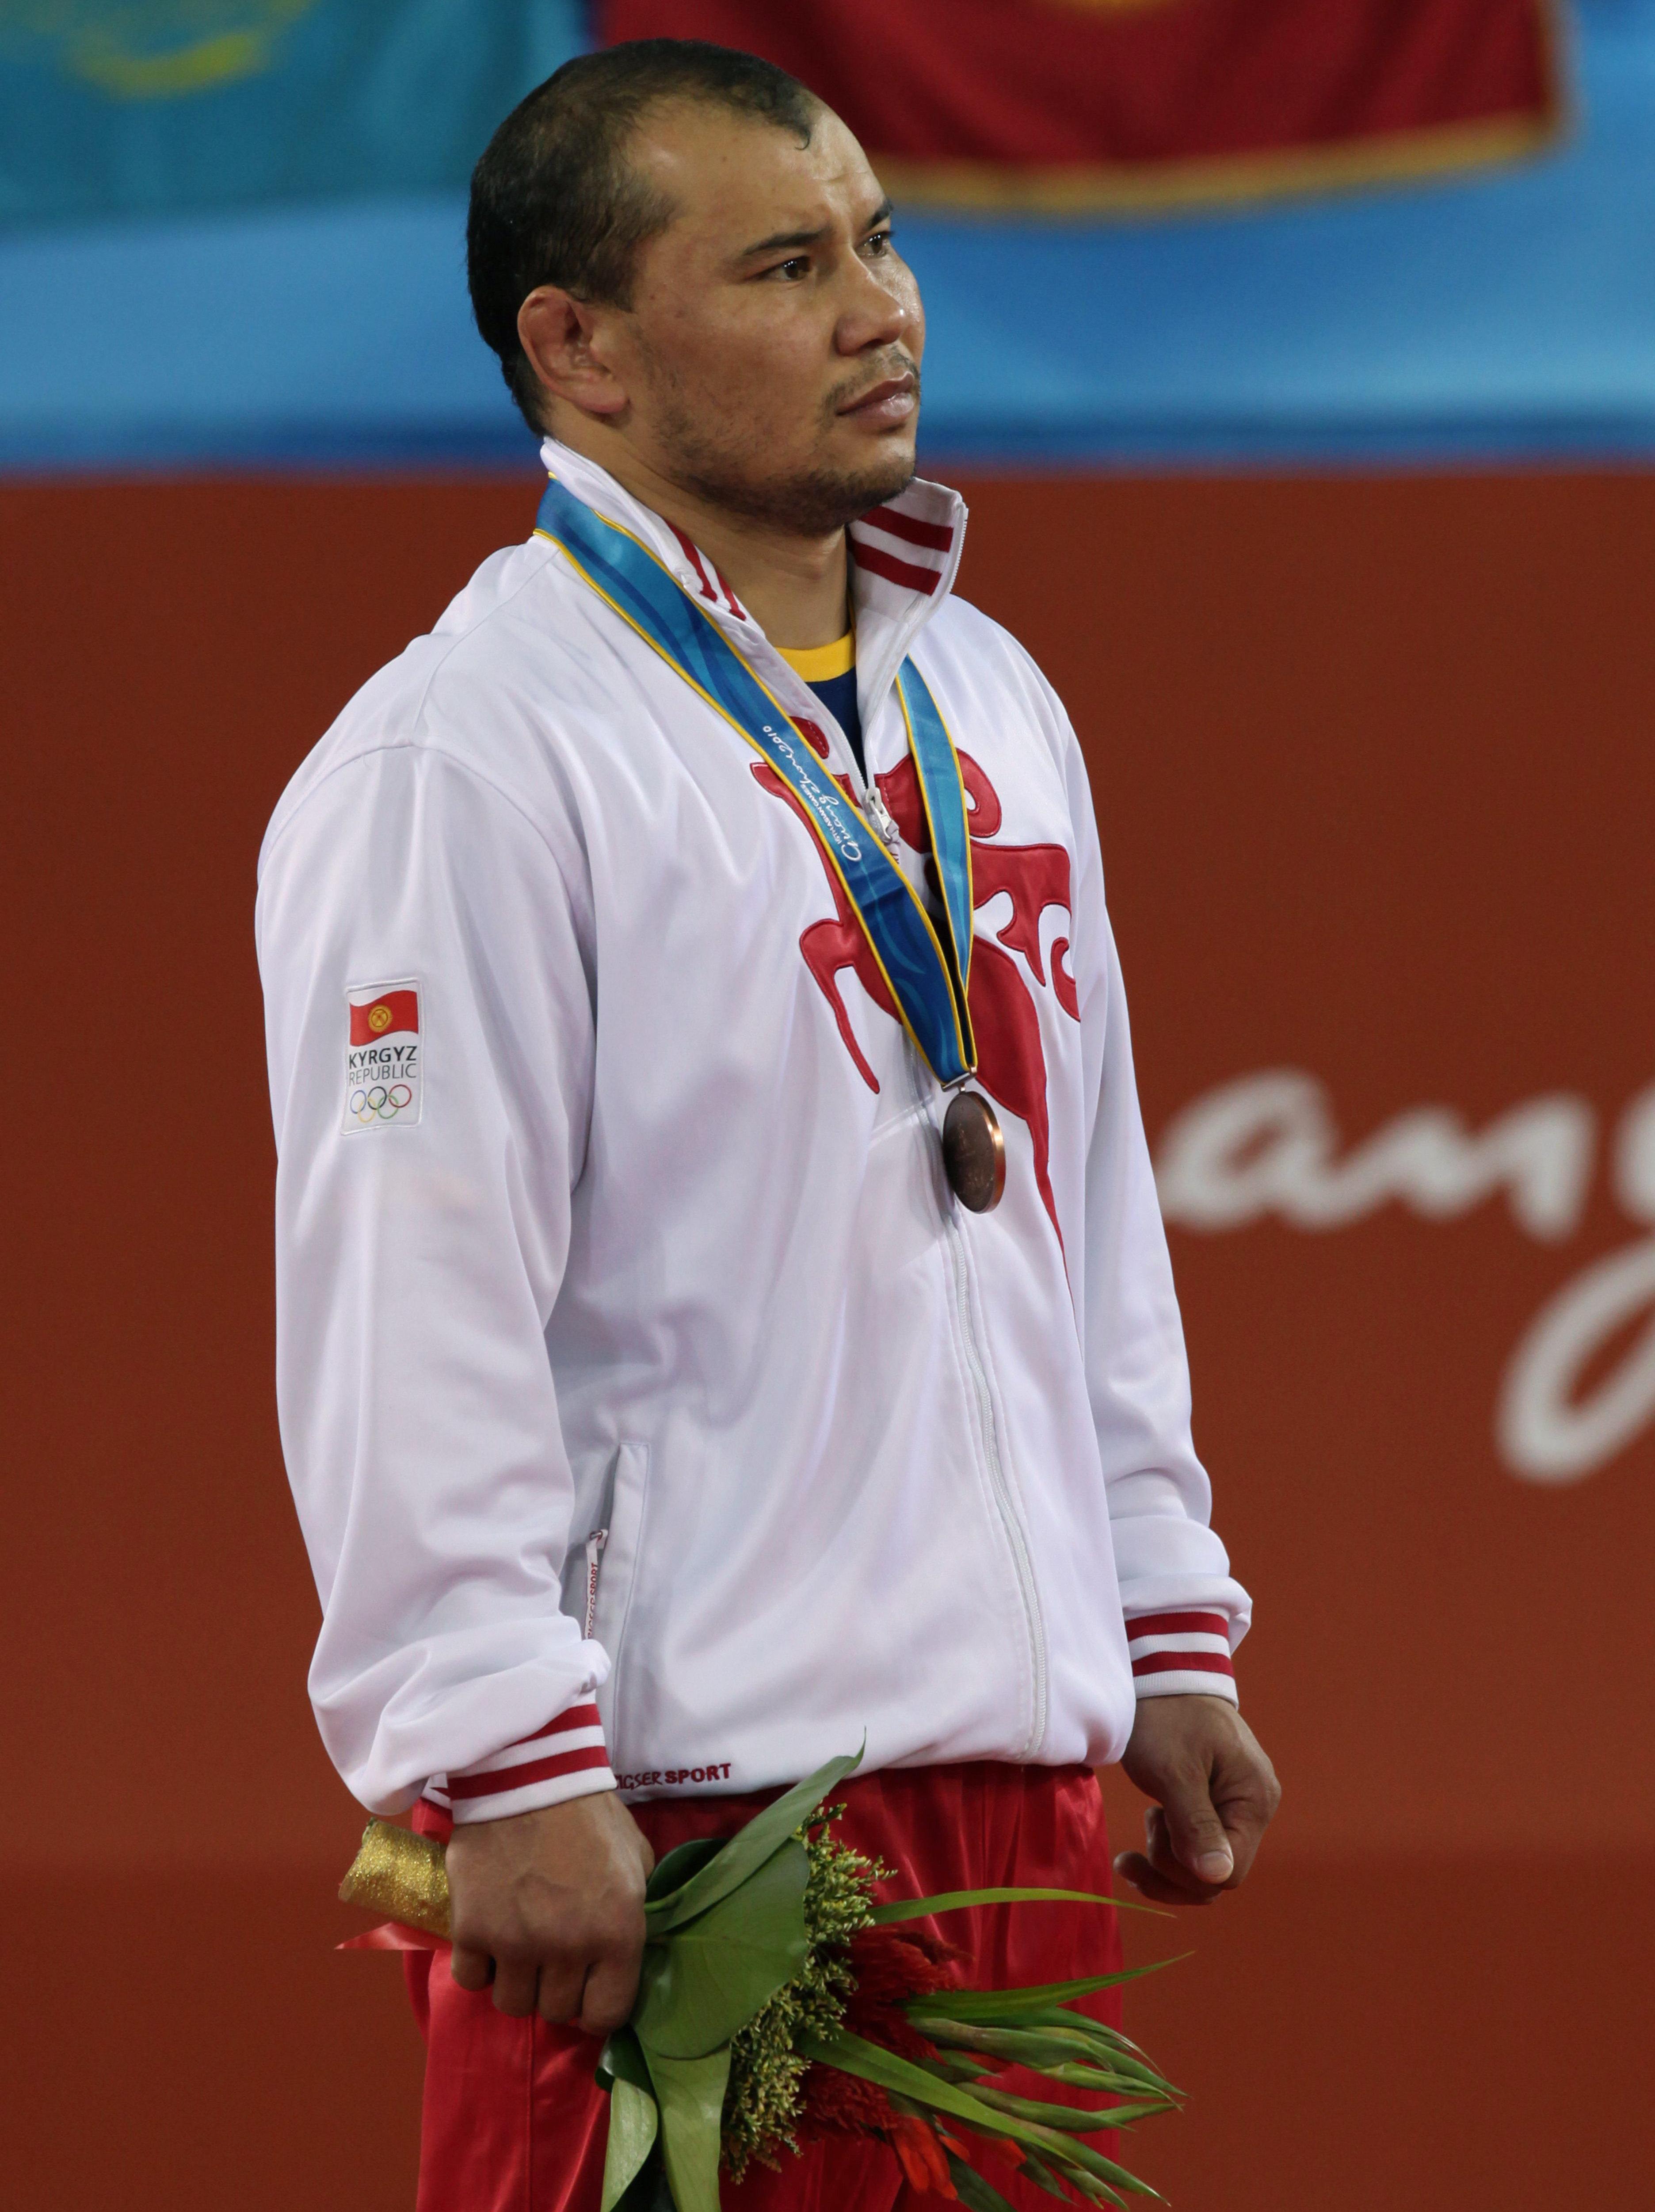 Бронзовый призер из Кыргызстана Жанарбек Кенжеев во время церемонии награждения среди мужчин по греко-римской борьбе на XVI Азиатских играх в Гуанчжоу. 22 ноября 2010 года